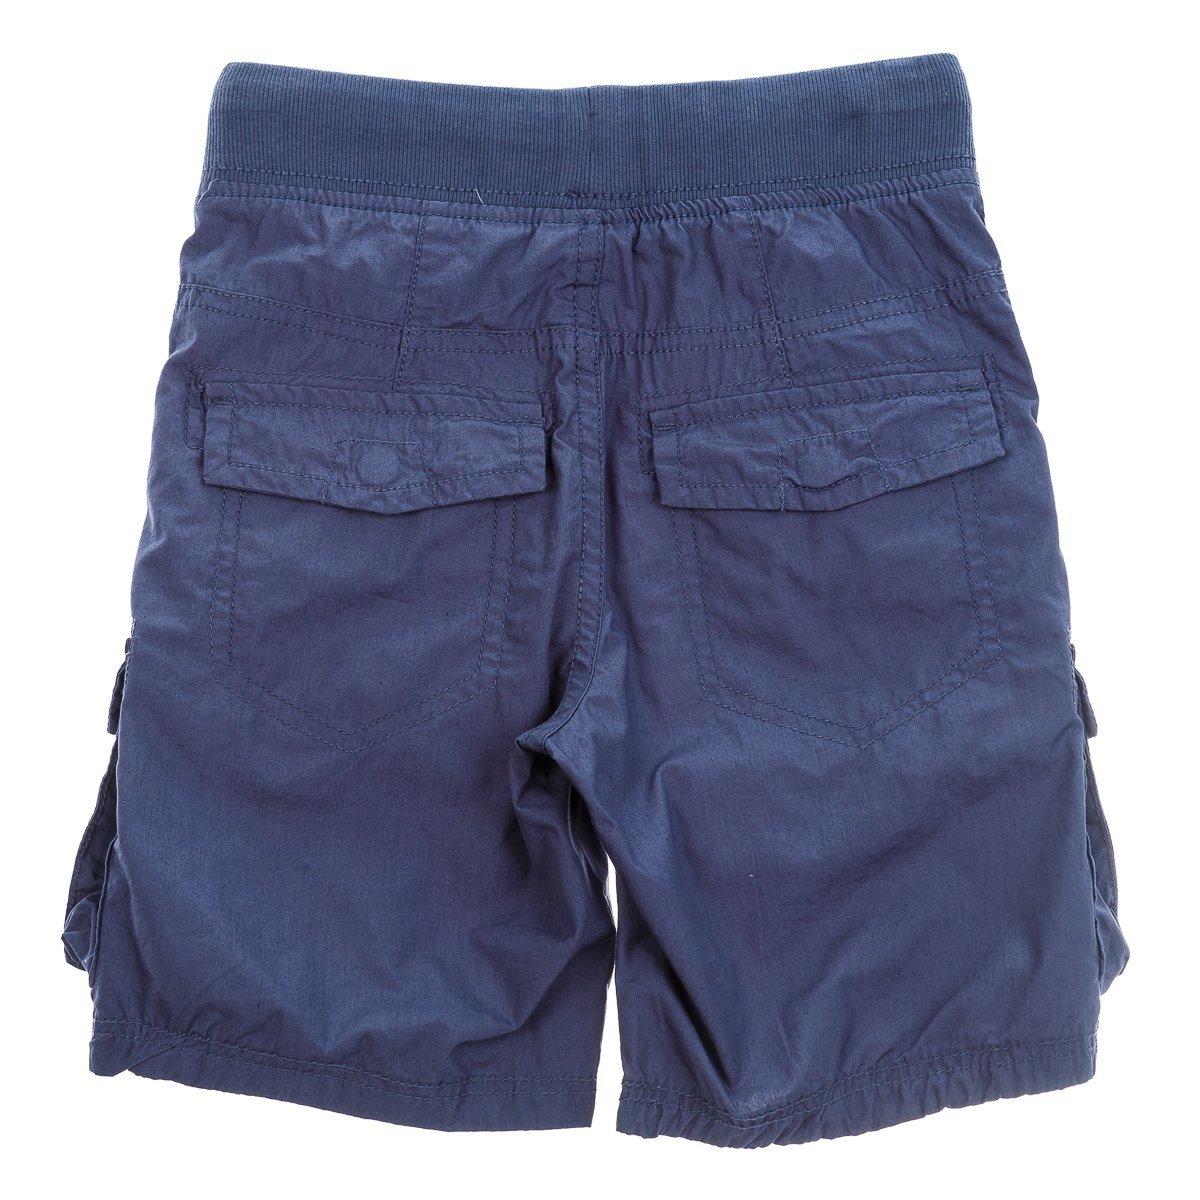 Купить Брюки, джинсы, шорты, Шорты BluKids Blue Waves, р. 128 5349836 ТМ: BluKids, синий